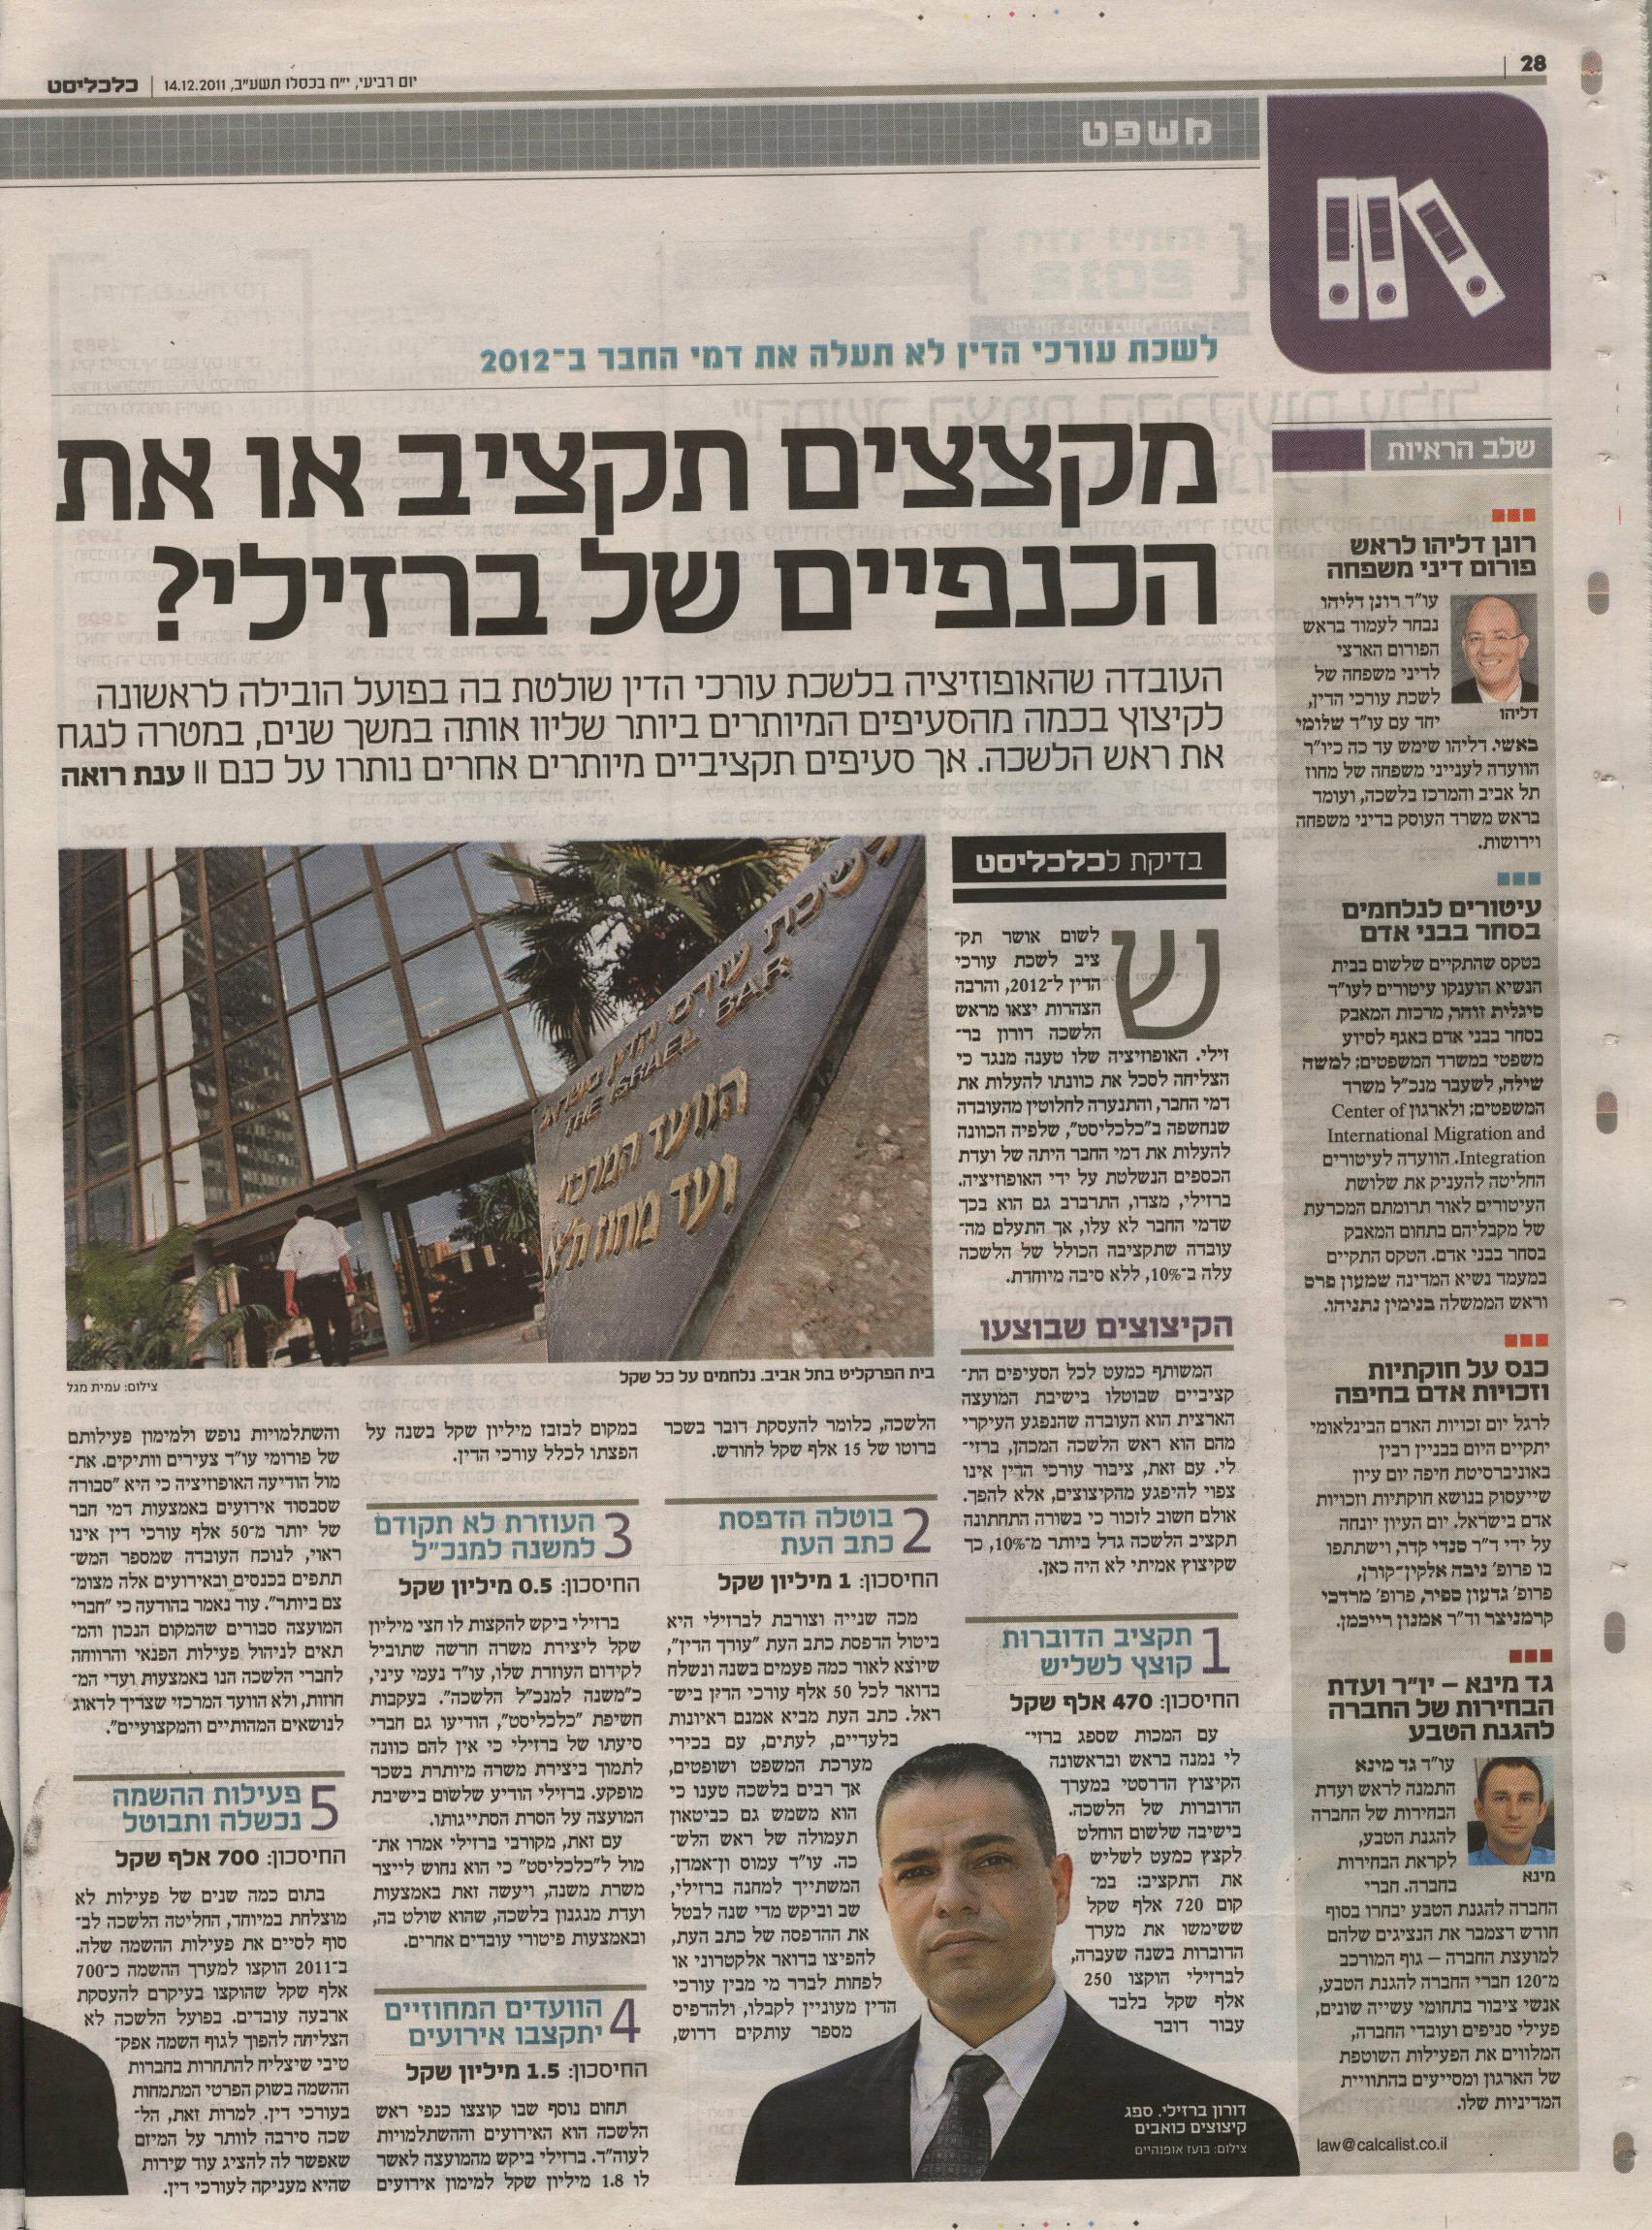 כלכליסט 14.12.2011